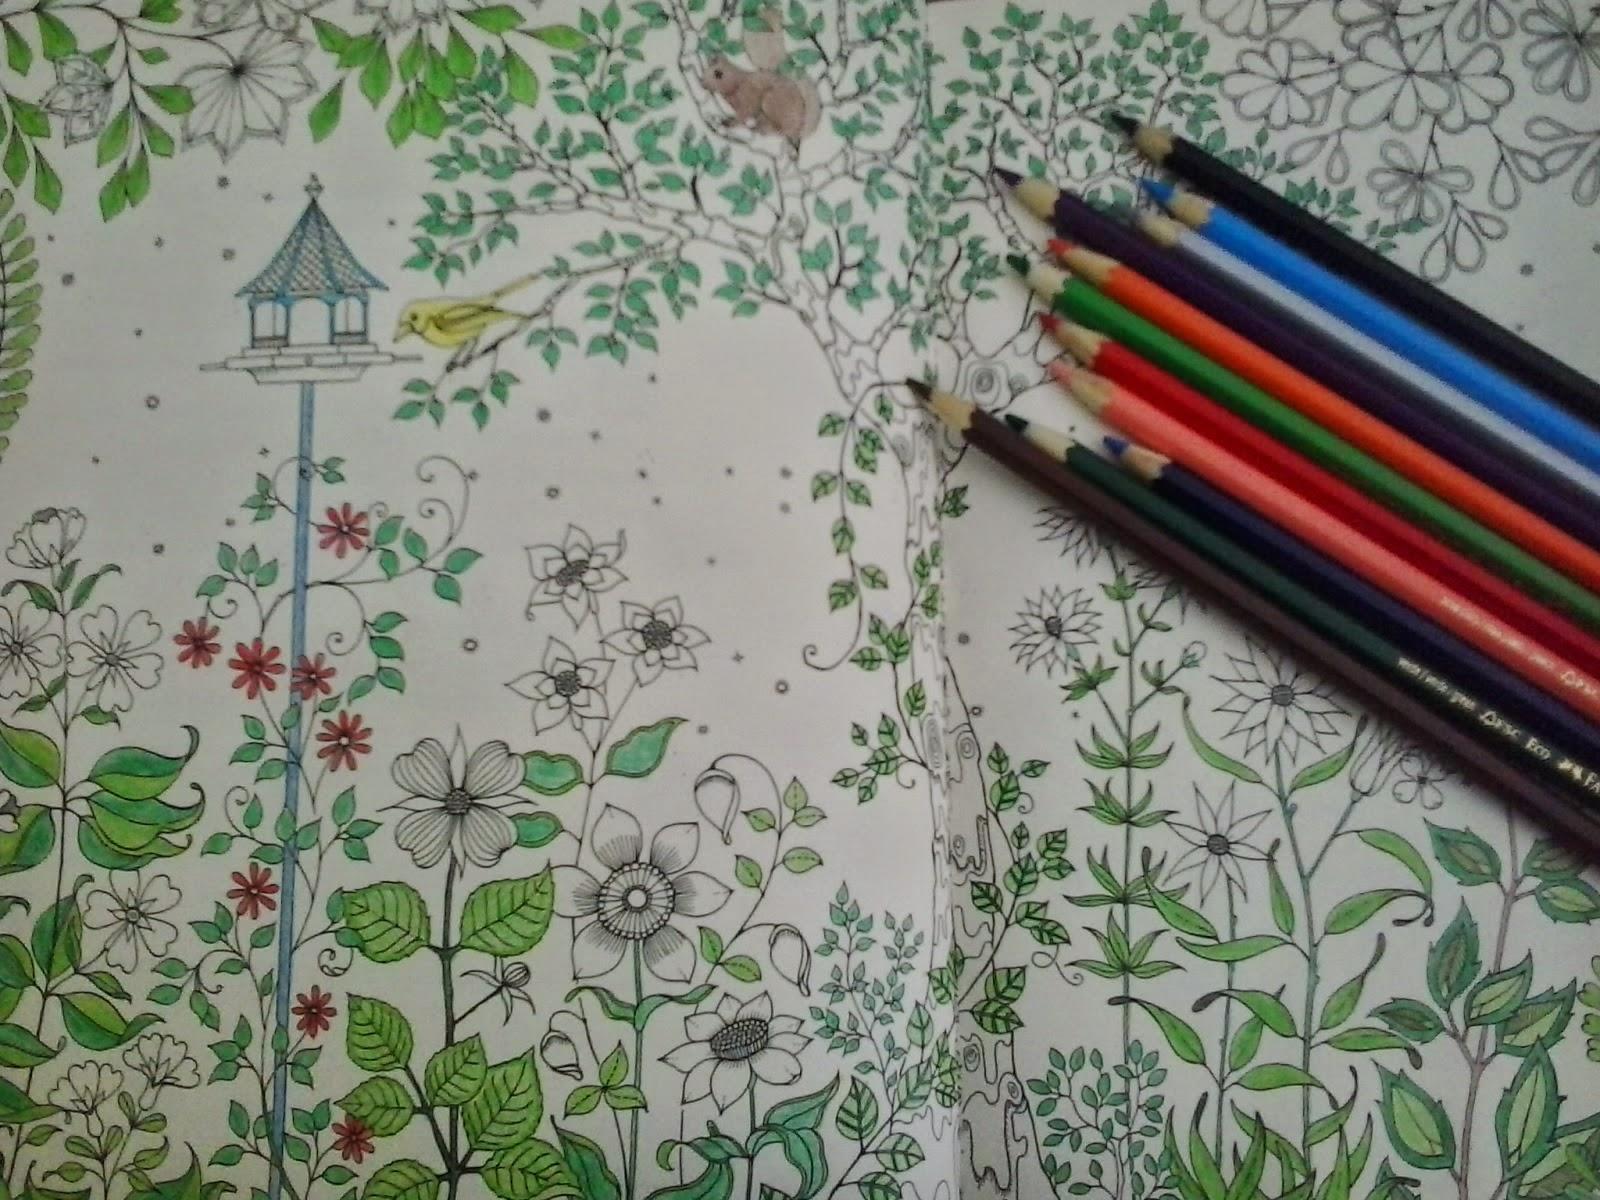 ideias para pintar livro jardim secretoCom a quantidade de desenhos